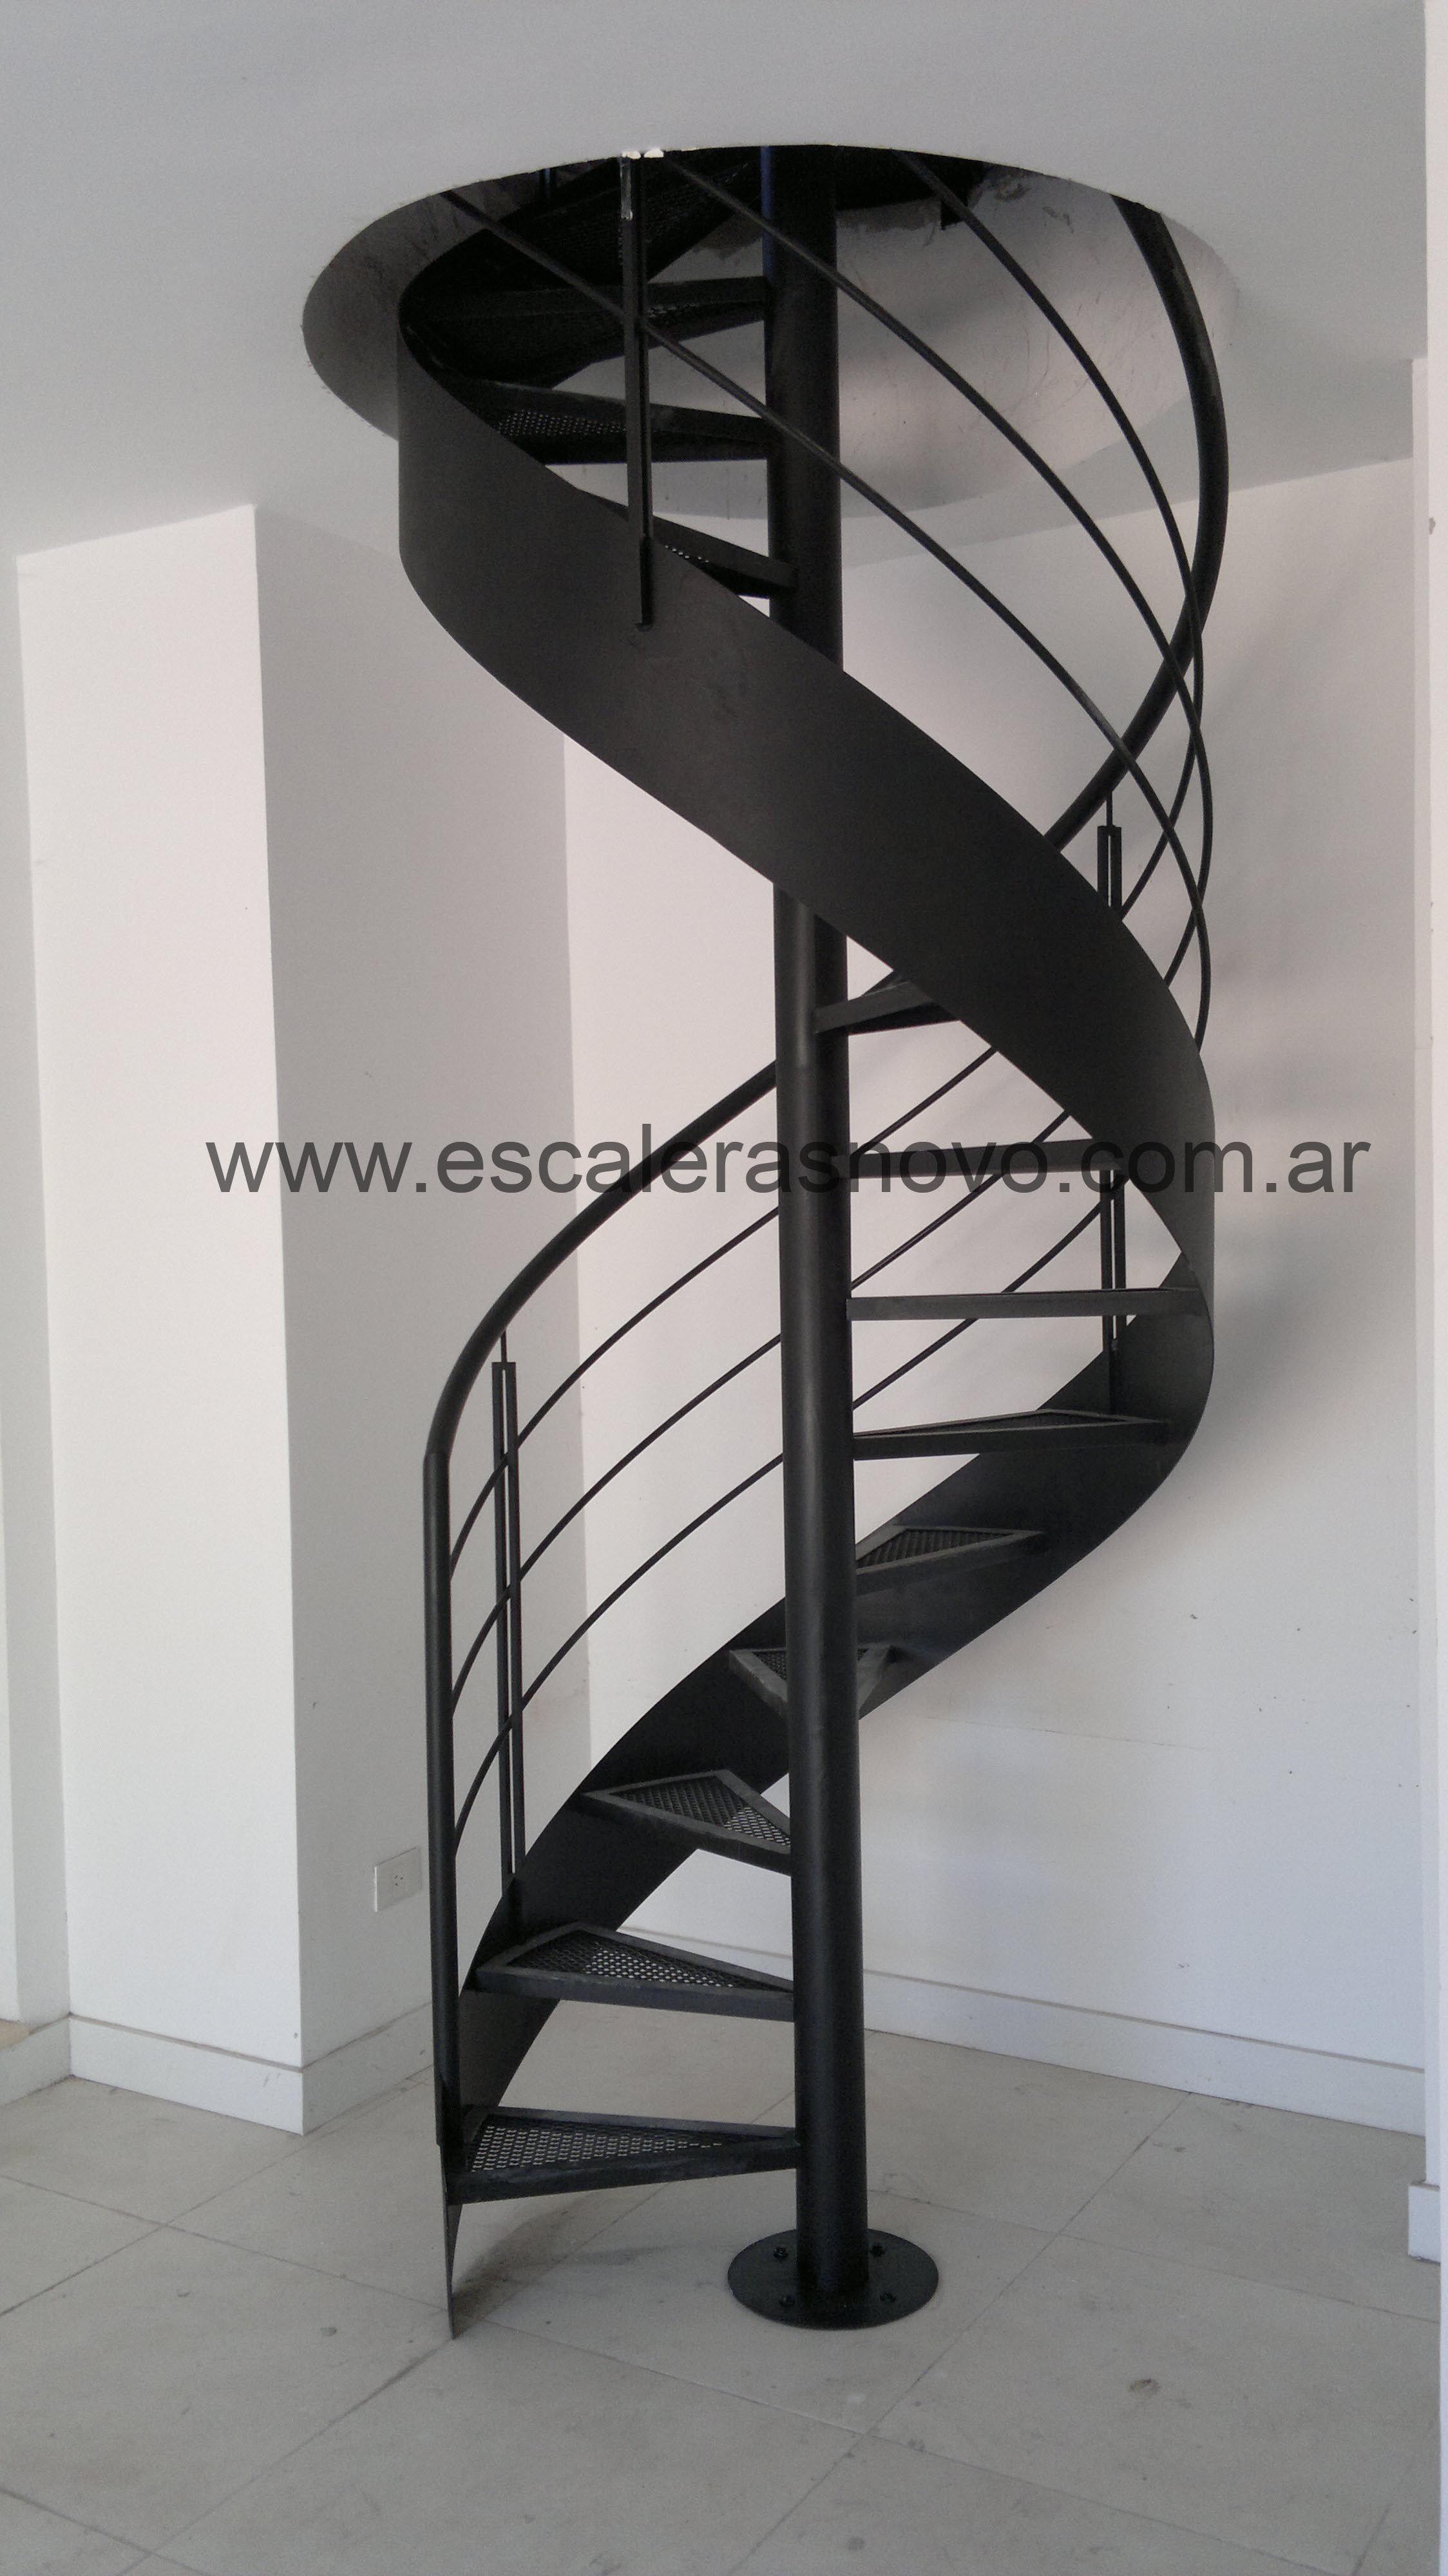 escalera caracol con cinta n24 venta de escaleras y barandas novo design - Escaleras De Caracol